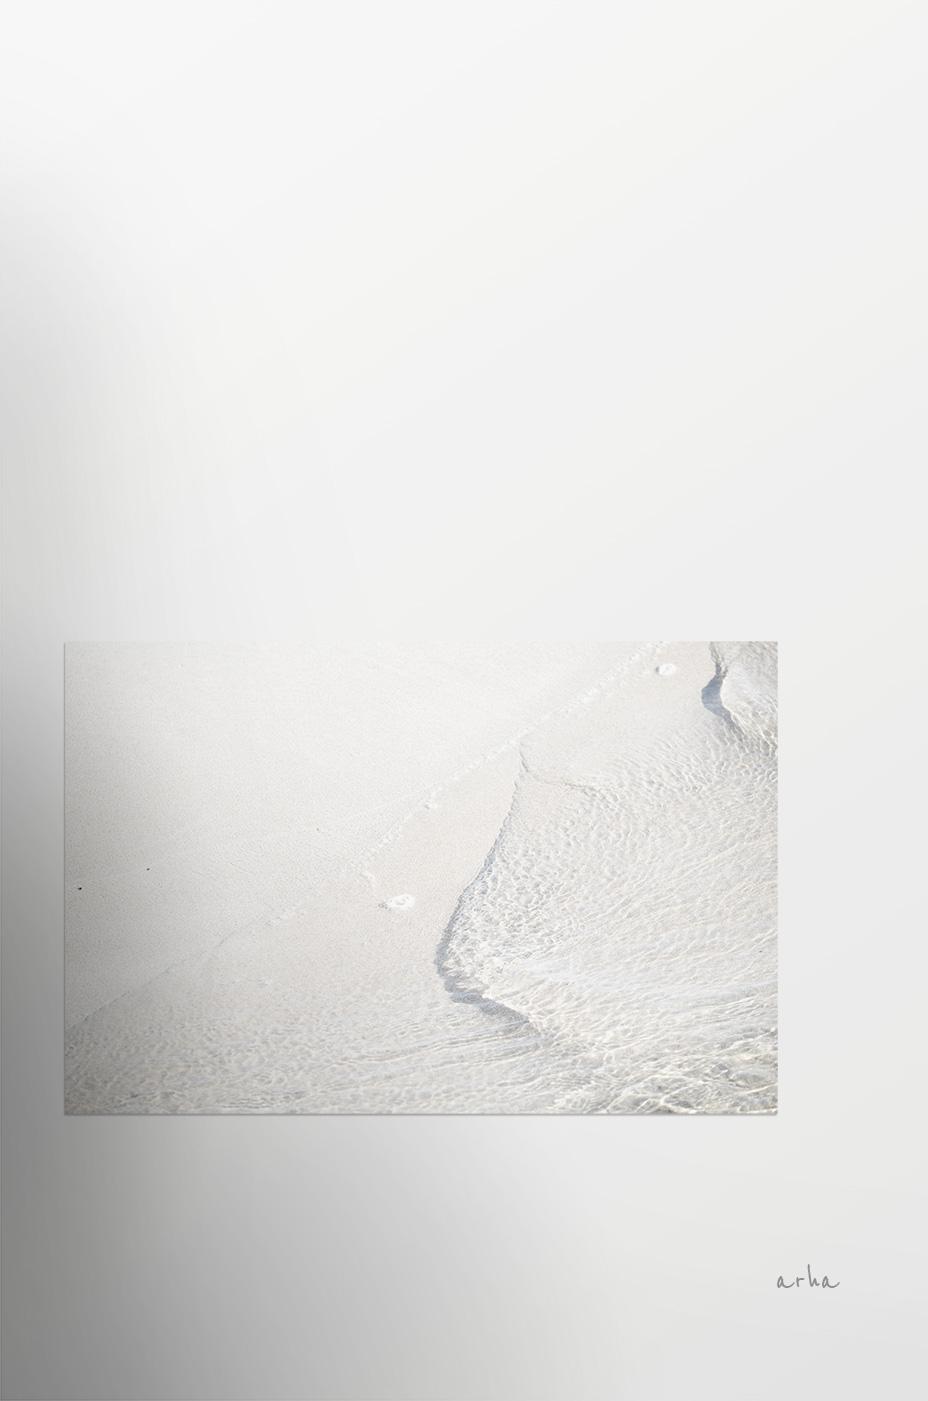 YURAGI-copyright-2012-arha-Tomomichi-Morifuji